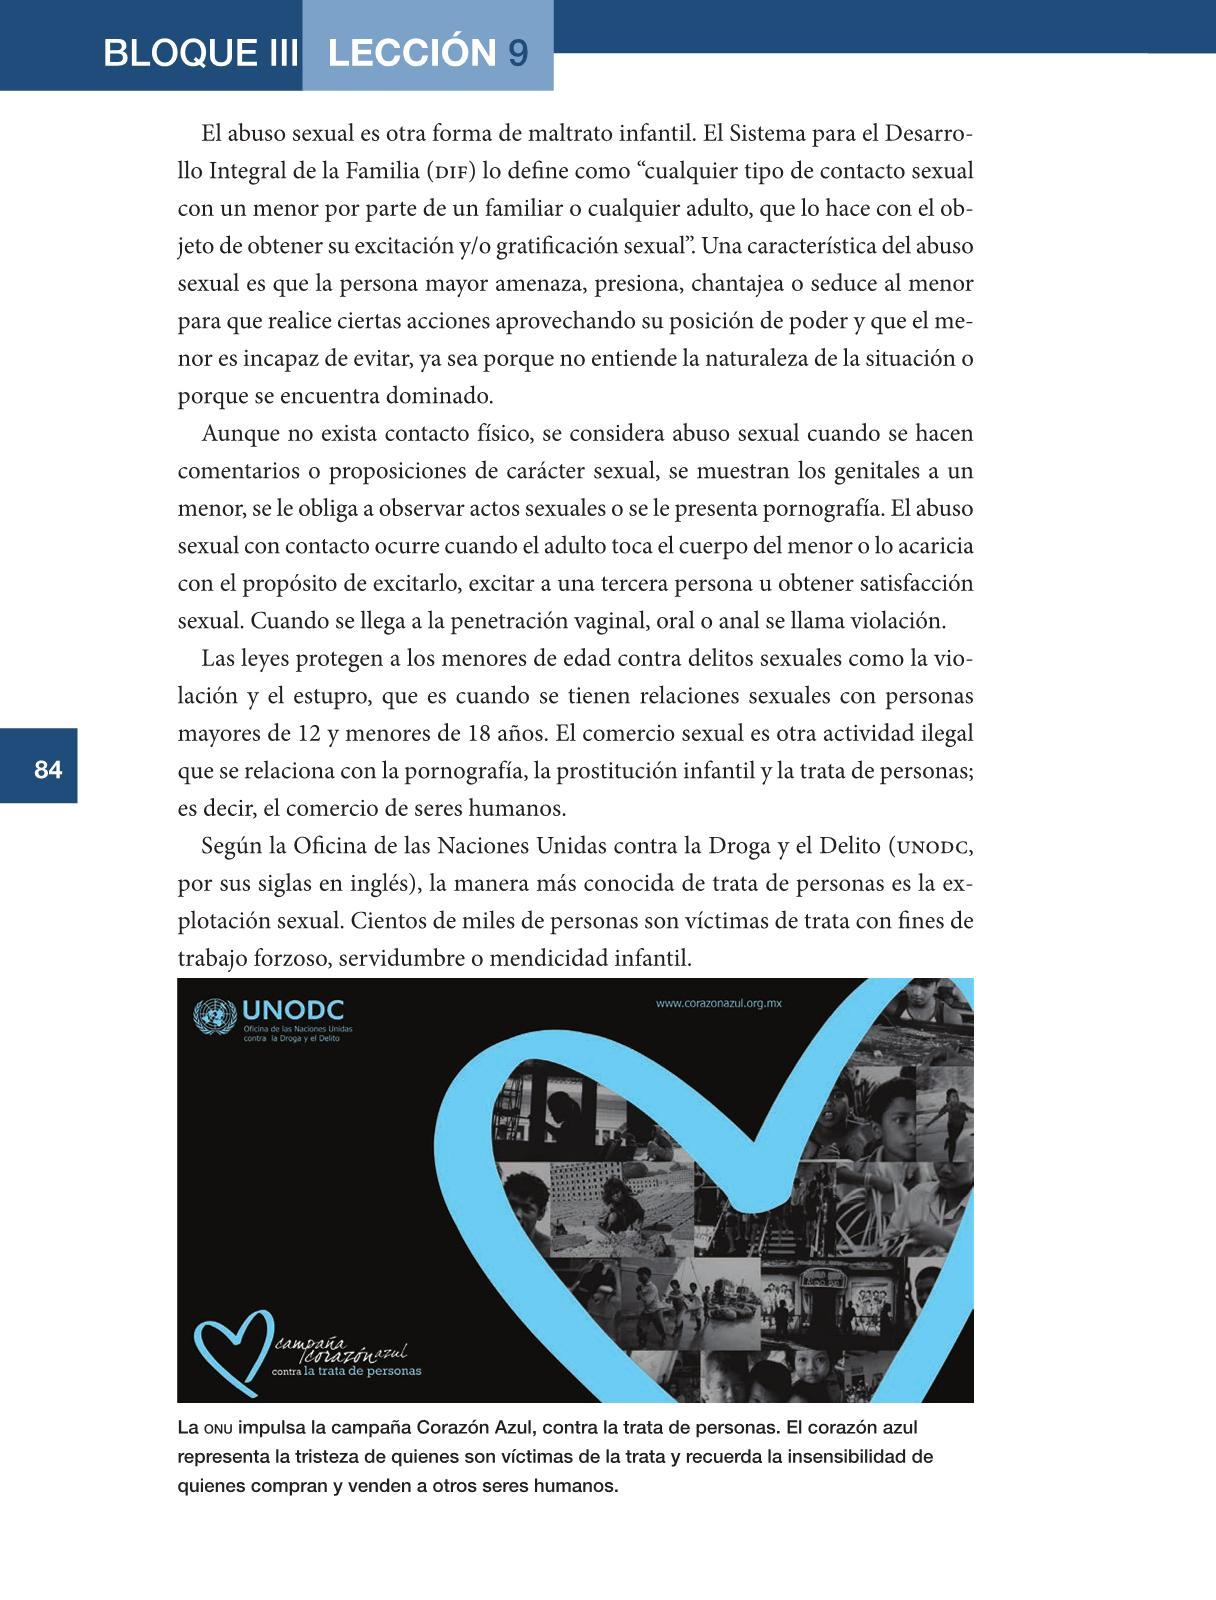 libro wikipedia la enciclopedia libre libro wikipedia la